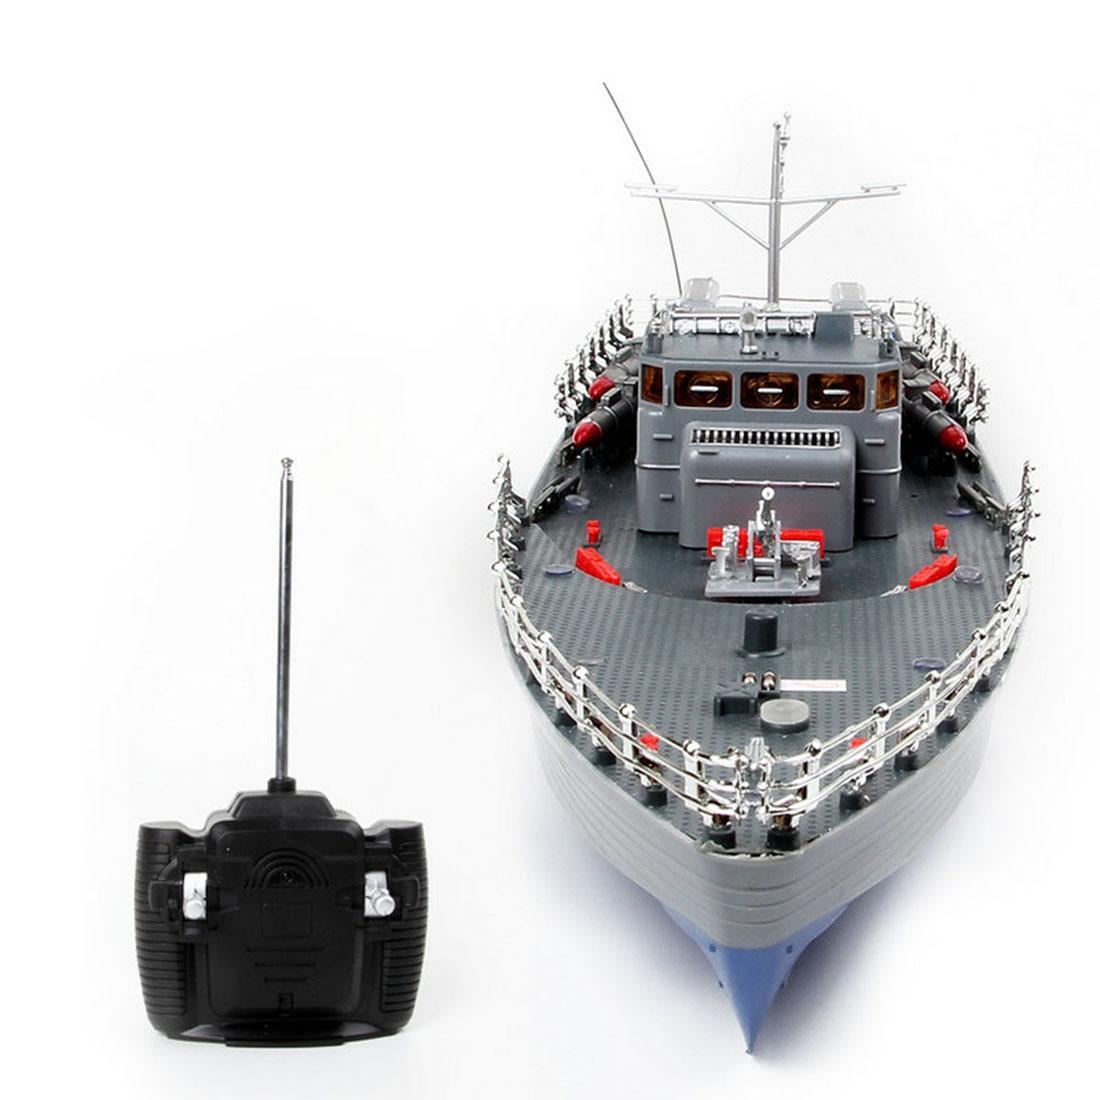 50 cm 1:115 RC bateau jouets télécommande bateau de guerre modèle militaire bateau jouet pour l'armée Fans présent cadeau-US Plug